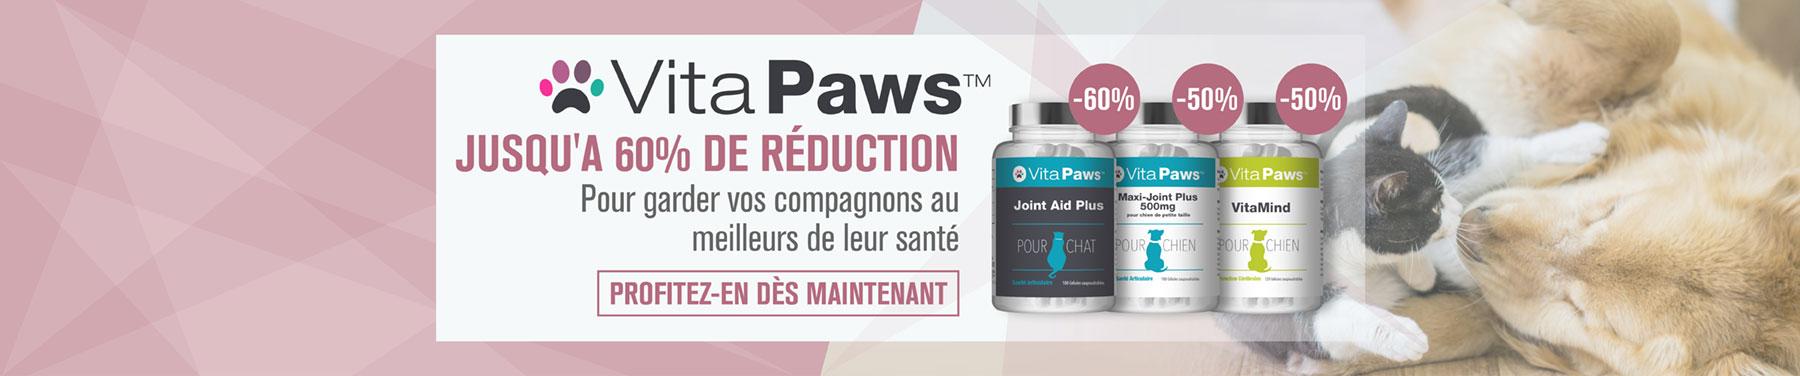 VitaPaws - Jusqu'a 60% de réduction